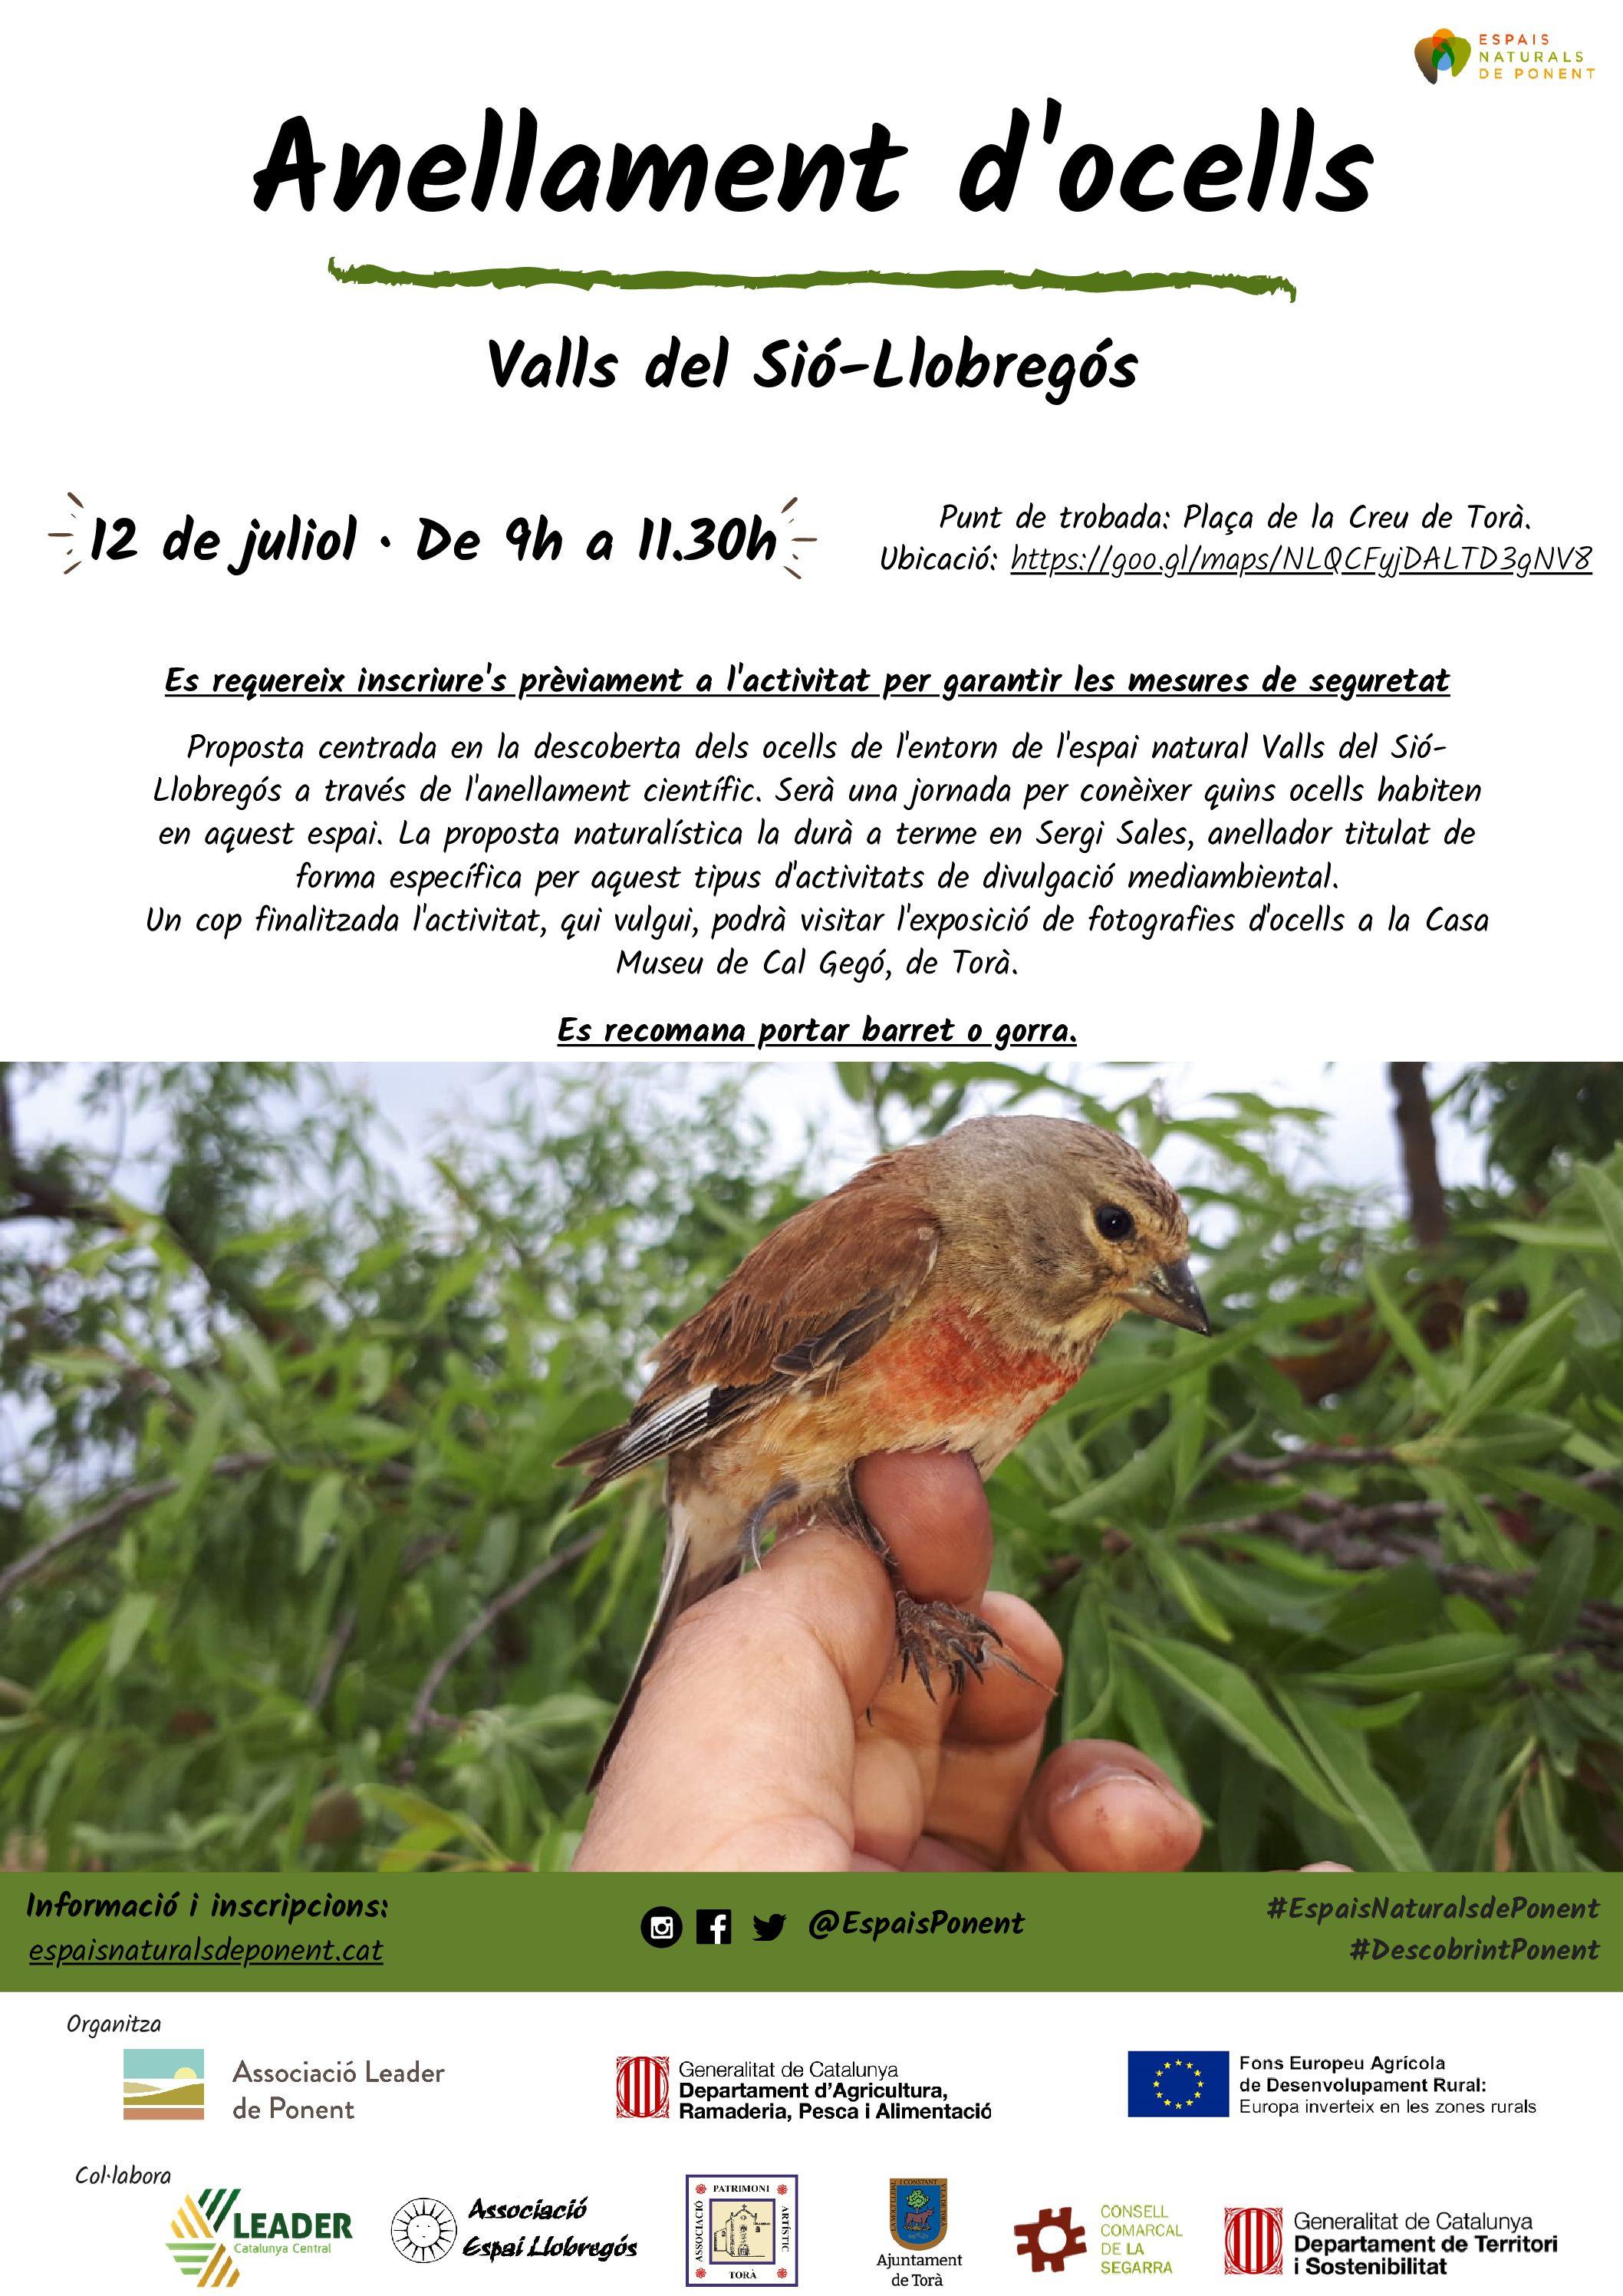 Anellament d'ocells a Torà. Dia 12 de juliol